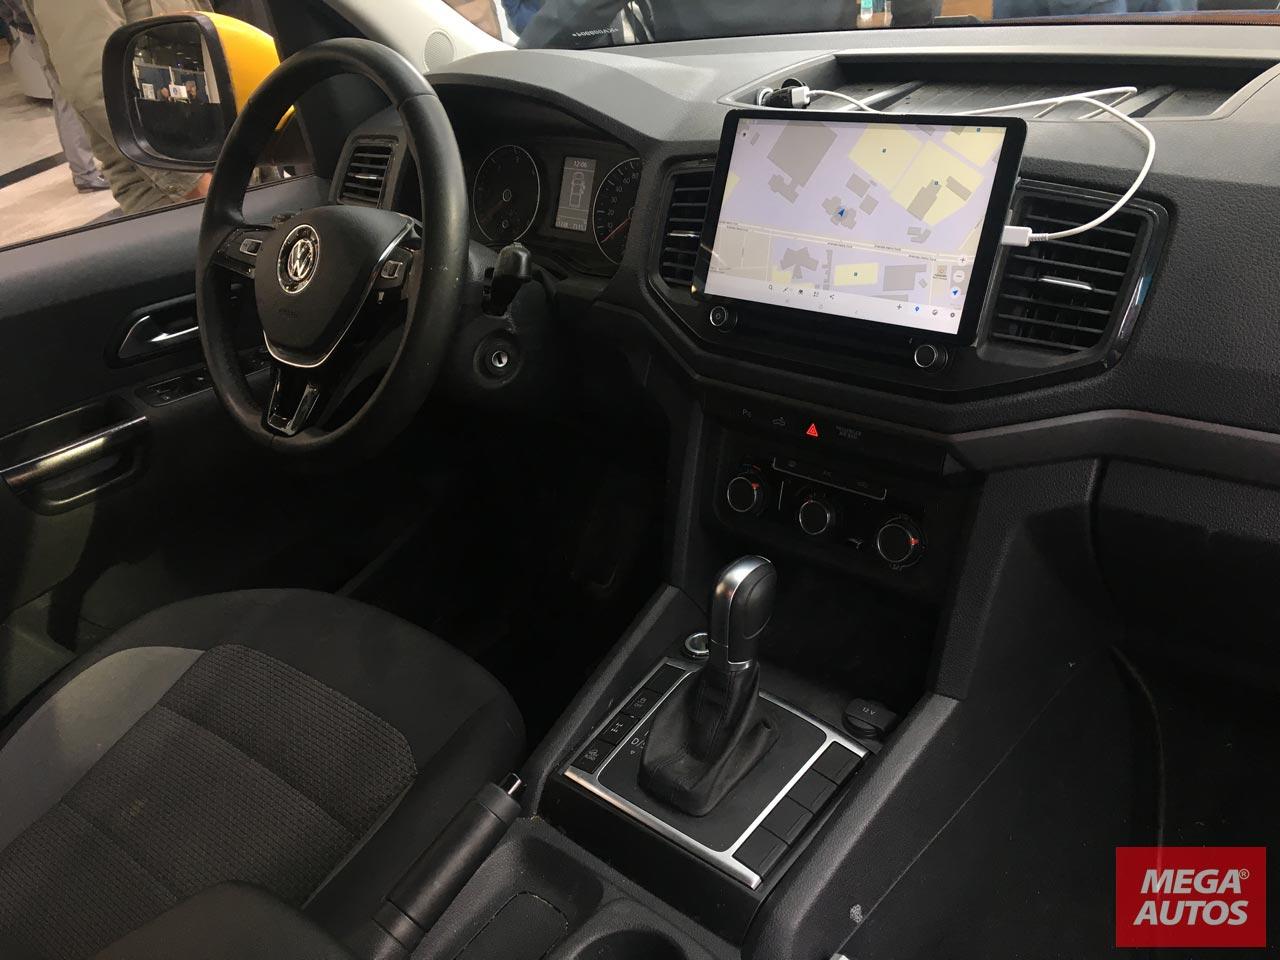 El interior de la Amarok V6 utilizada por Zietlow y equipo.